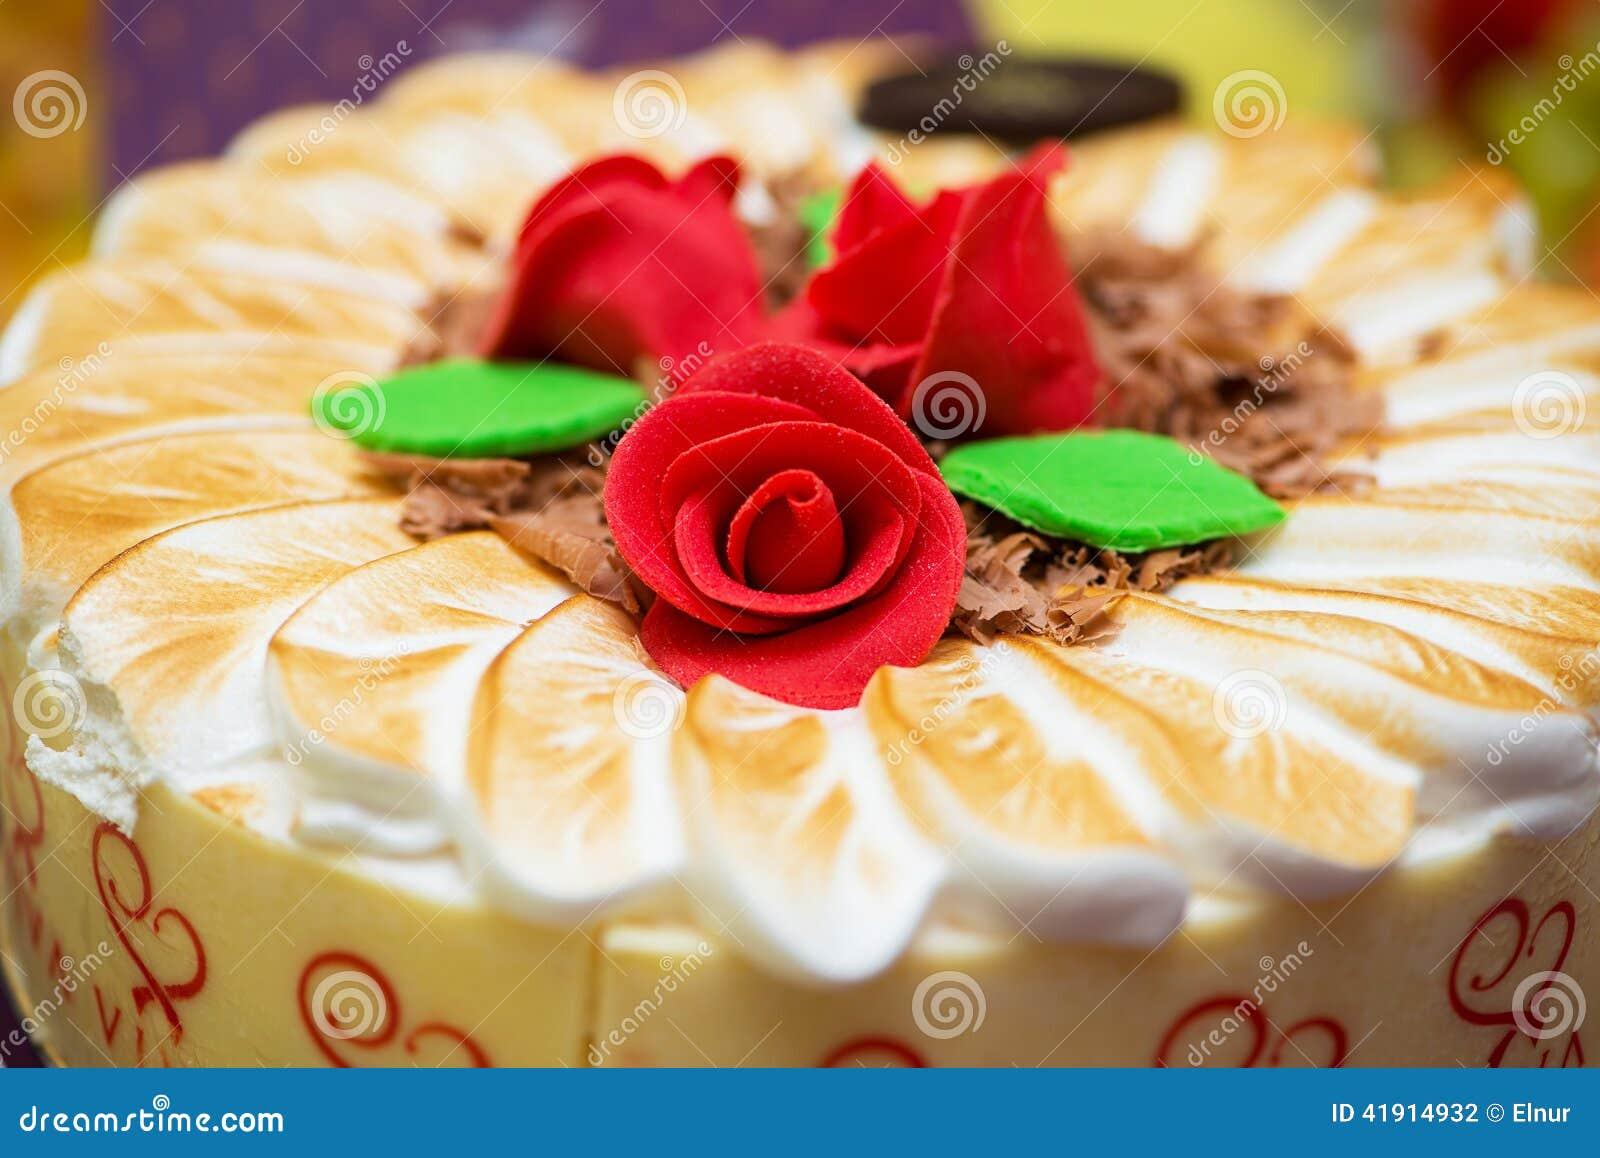 Desmoche de la torta